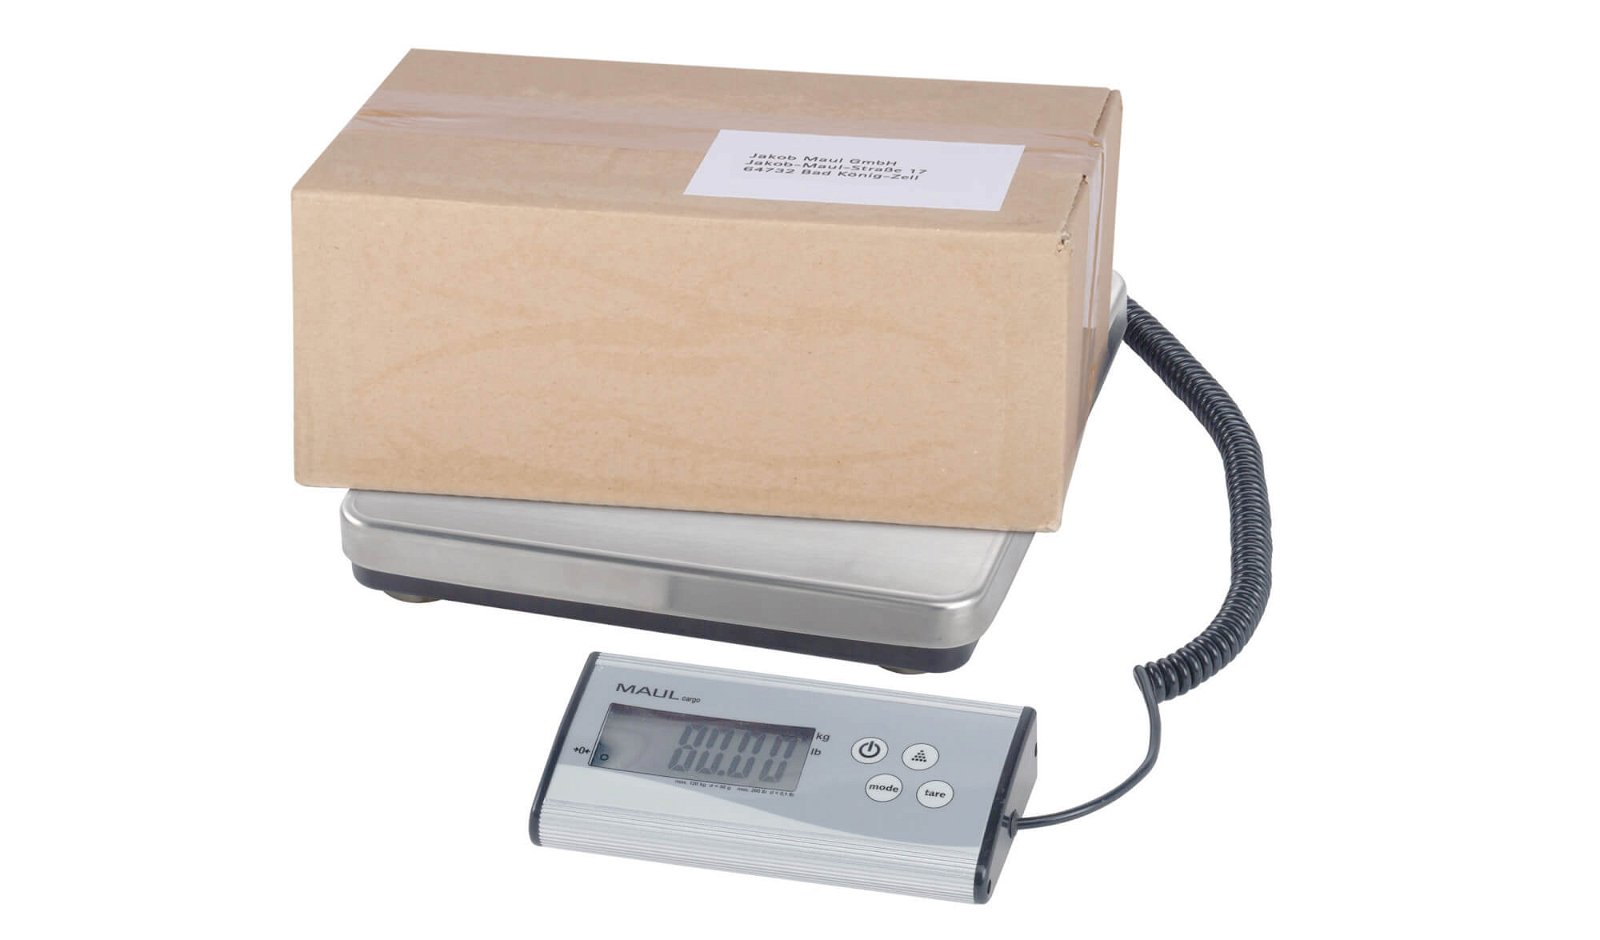 Paketwaage MAULcargo, 120 kg, separates Bedienpult, sonstige